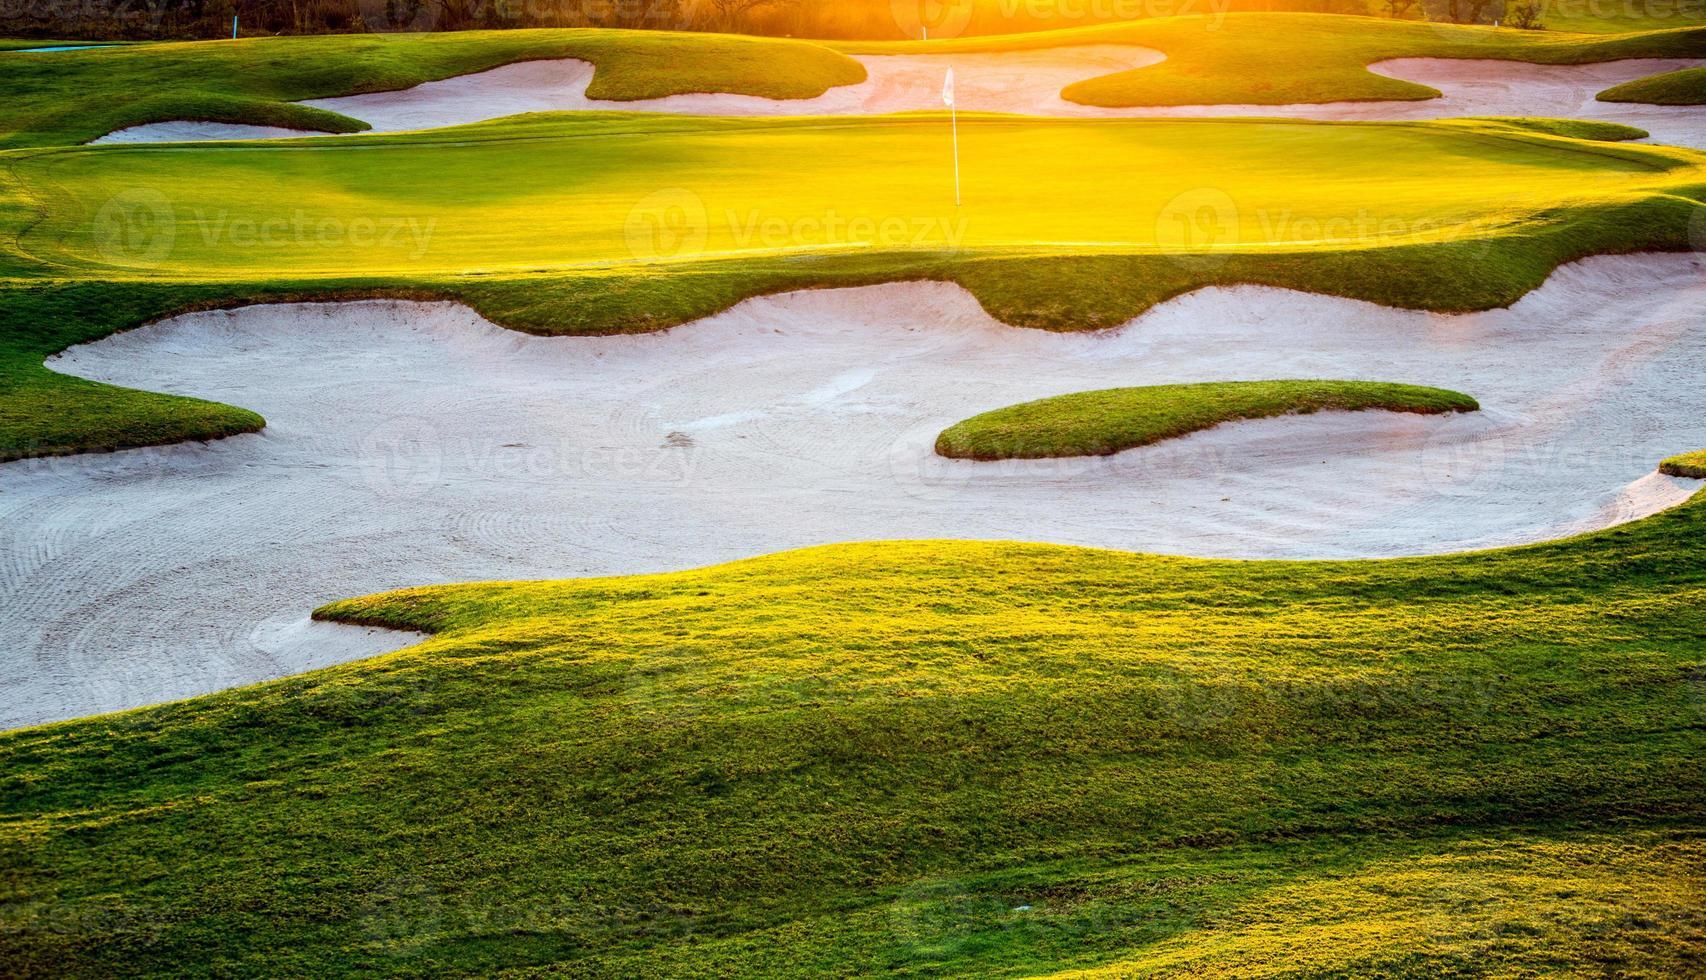 puesta de sol verde golf foto